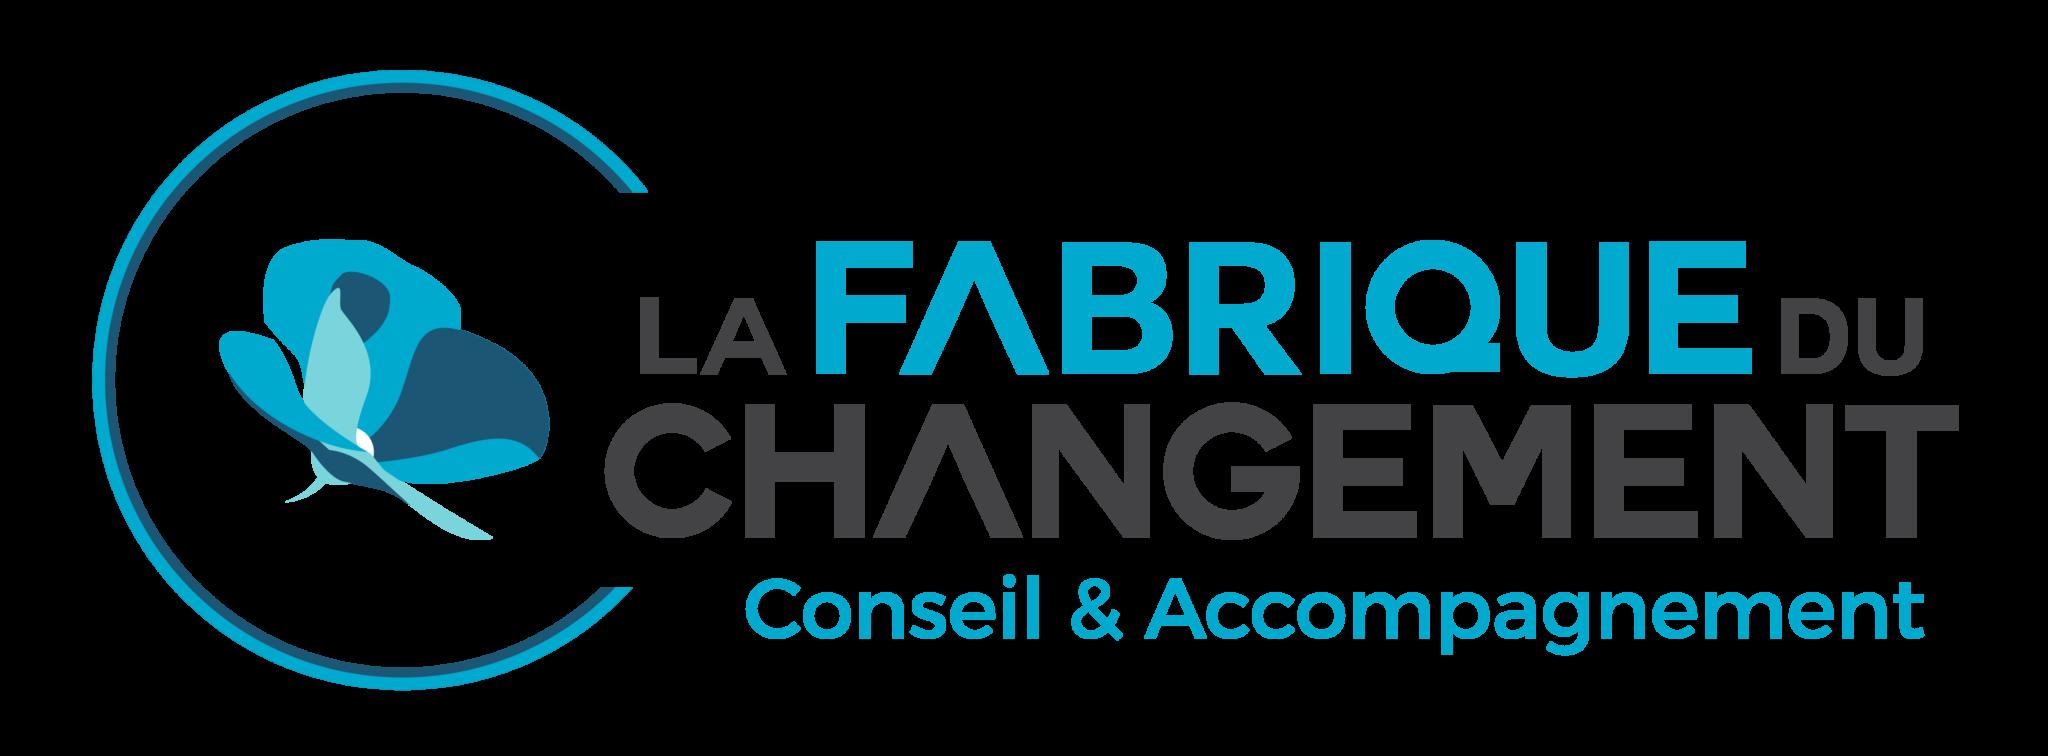 Logo de la Fabrique du Changement Nantes société de conseil de Margot Huguet